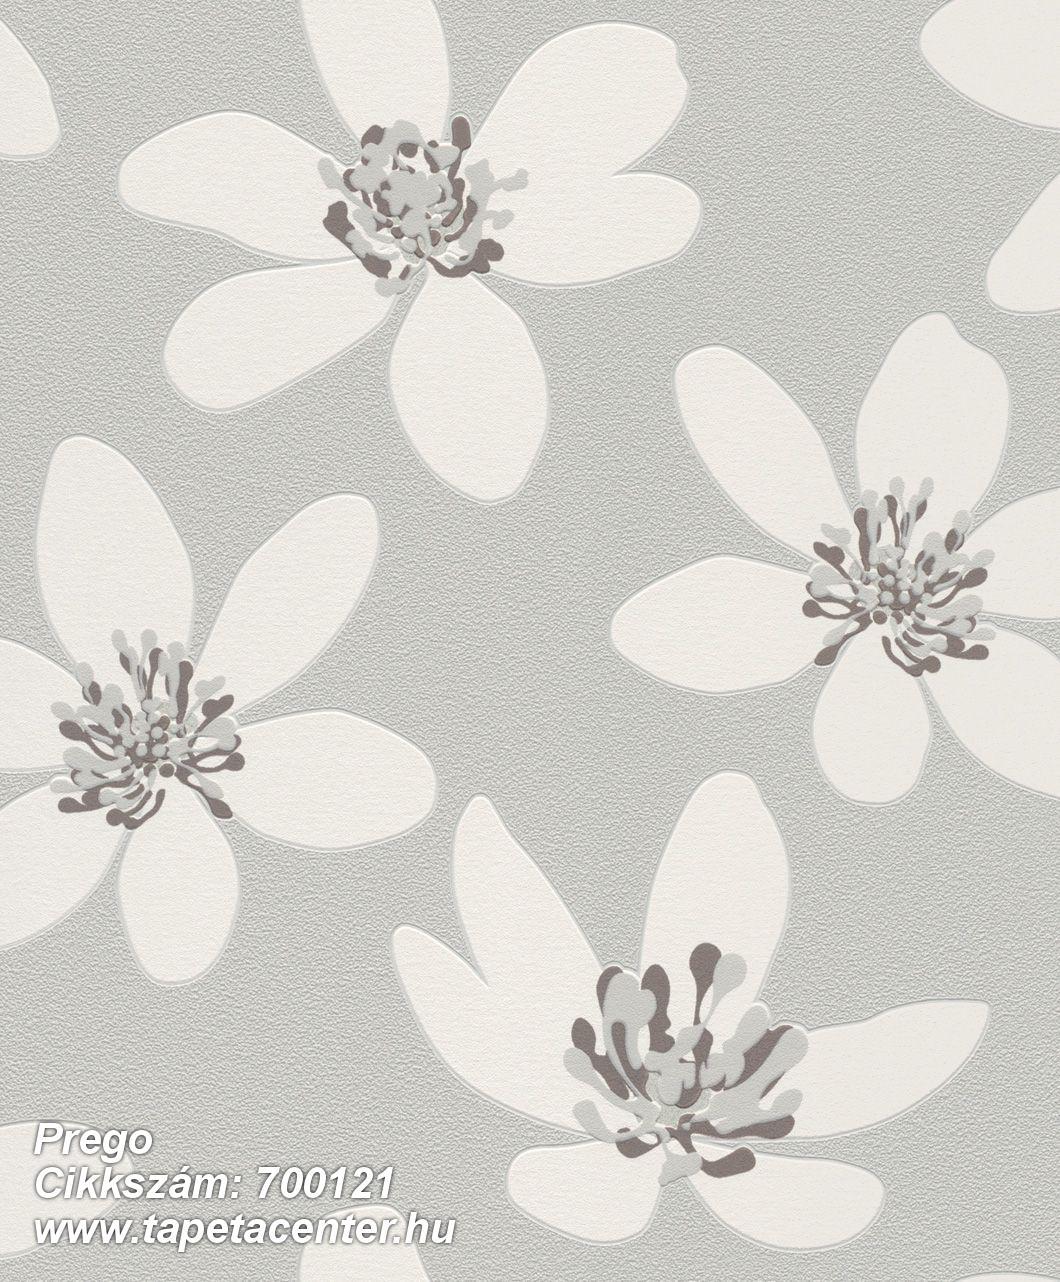 Gyerek,különleges felületű,természeti mintás,virágmintás,fehér,fekete,szürke,lemosható,vlies tapéta